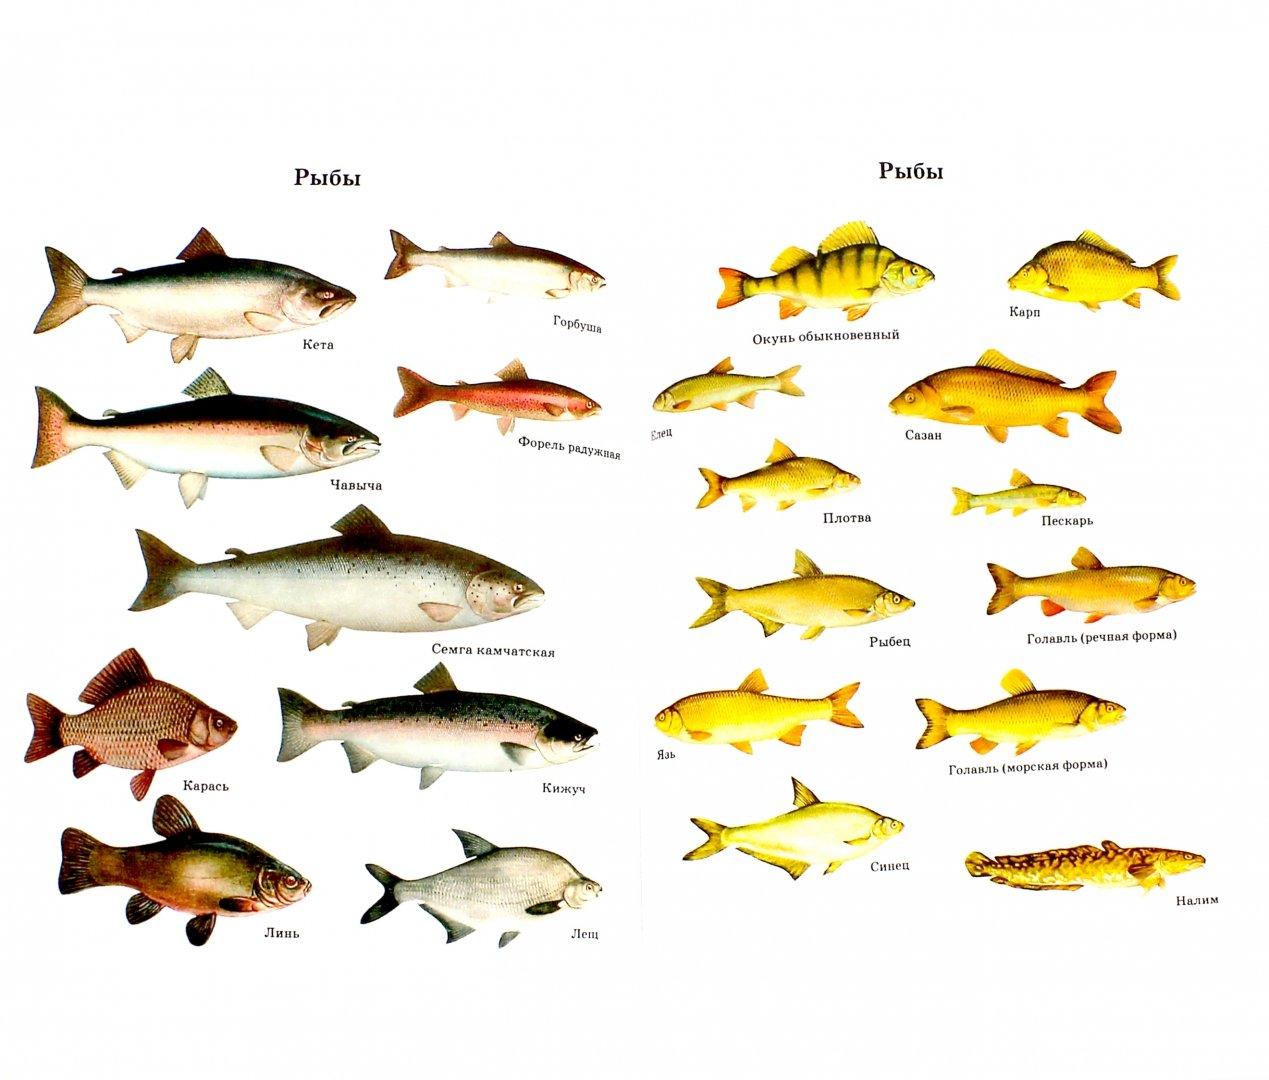 рыбы средней полосы россии картинки делили